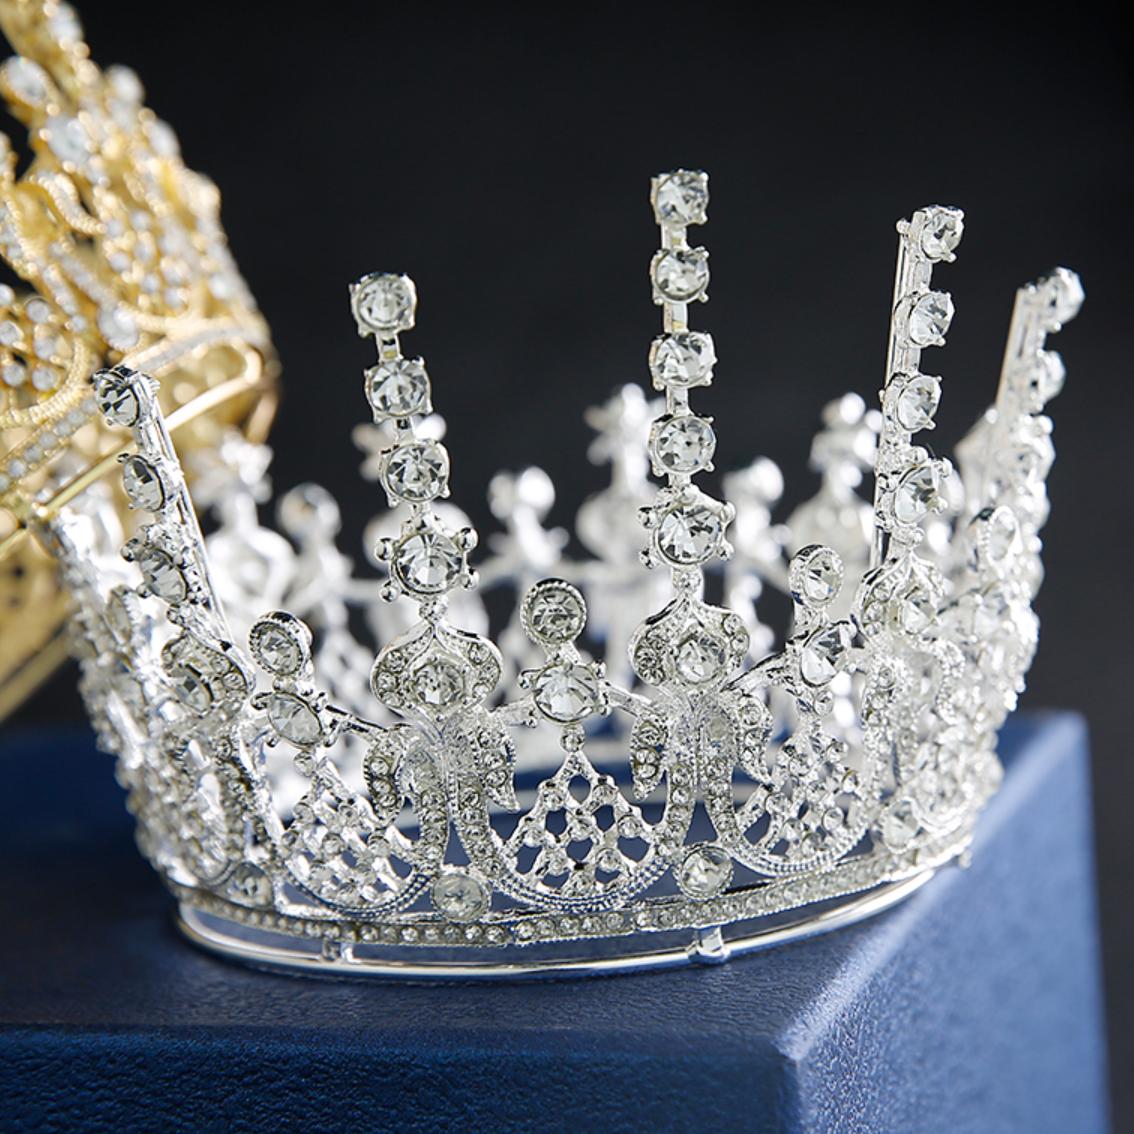 티아라 왕관 케이크 셀프웨딩 브라이덜샤워 생일 파티 진주 토퍼 프로포즈 머리띠, 럭셔리 티아라(실버)